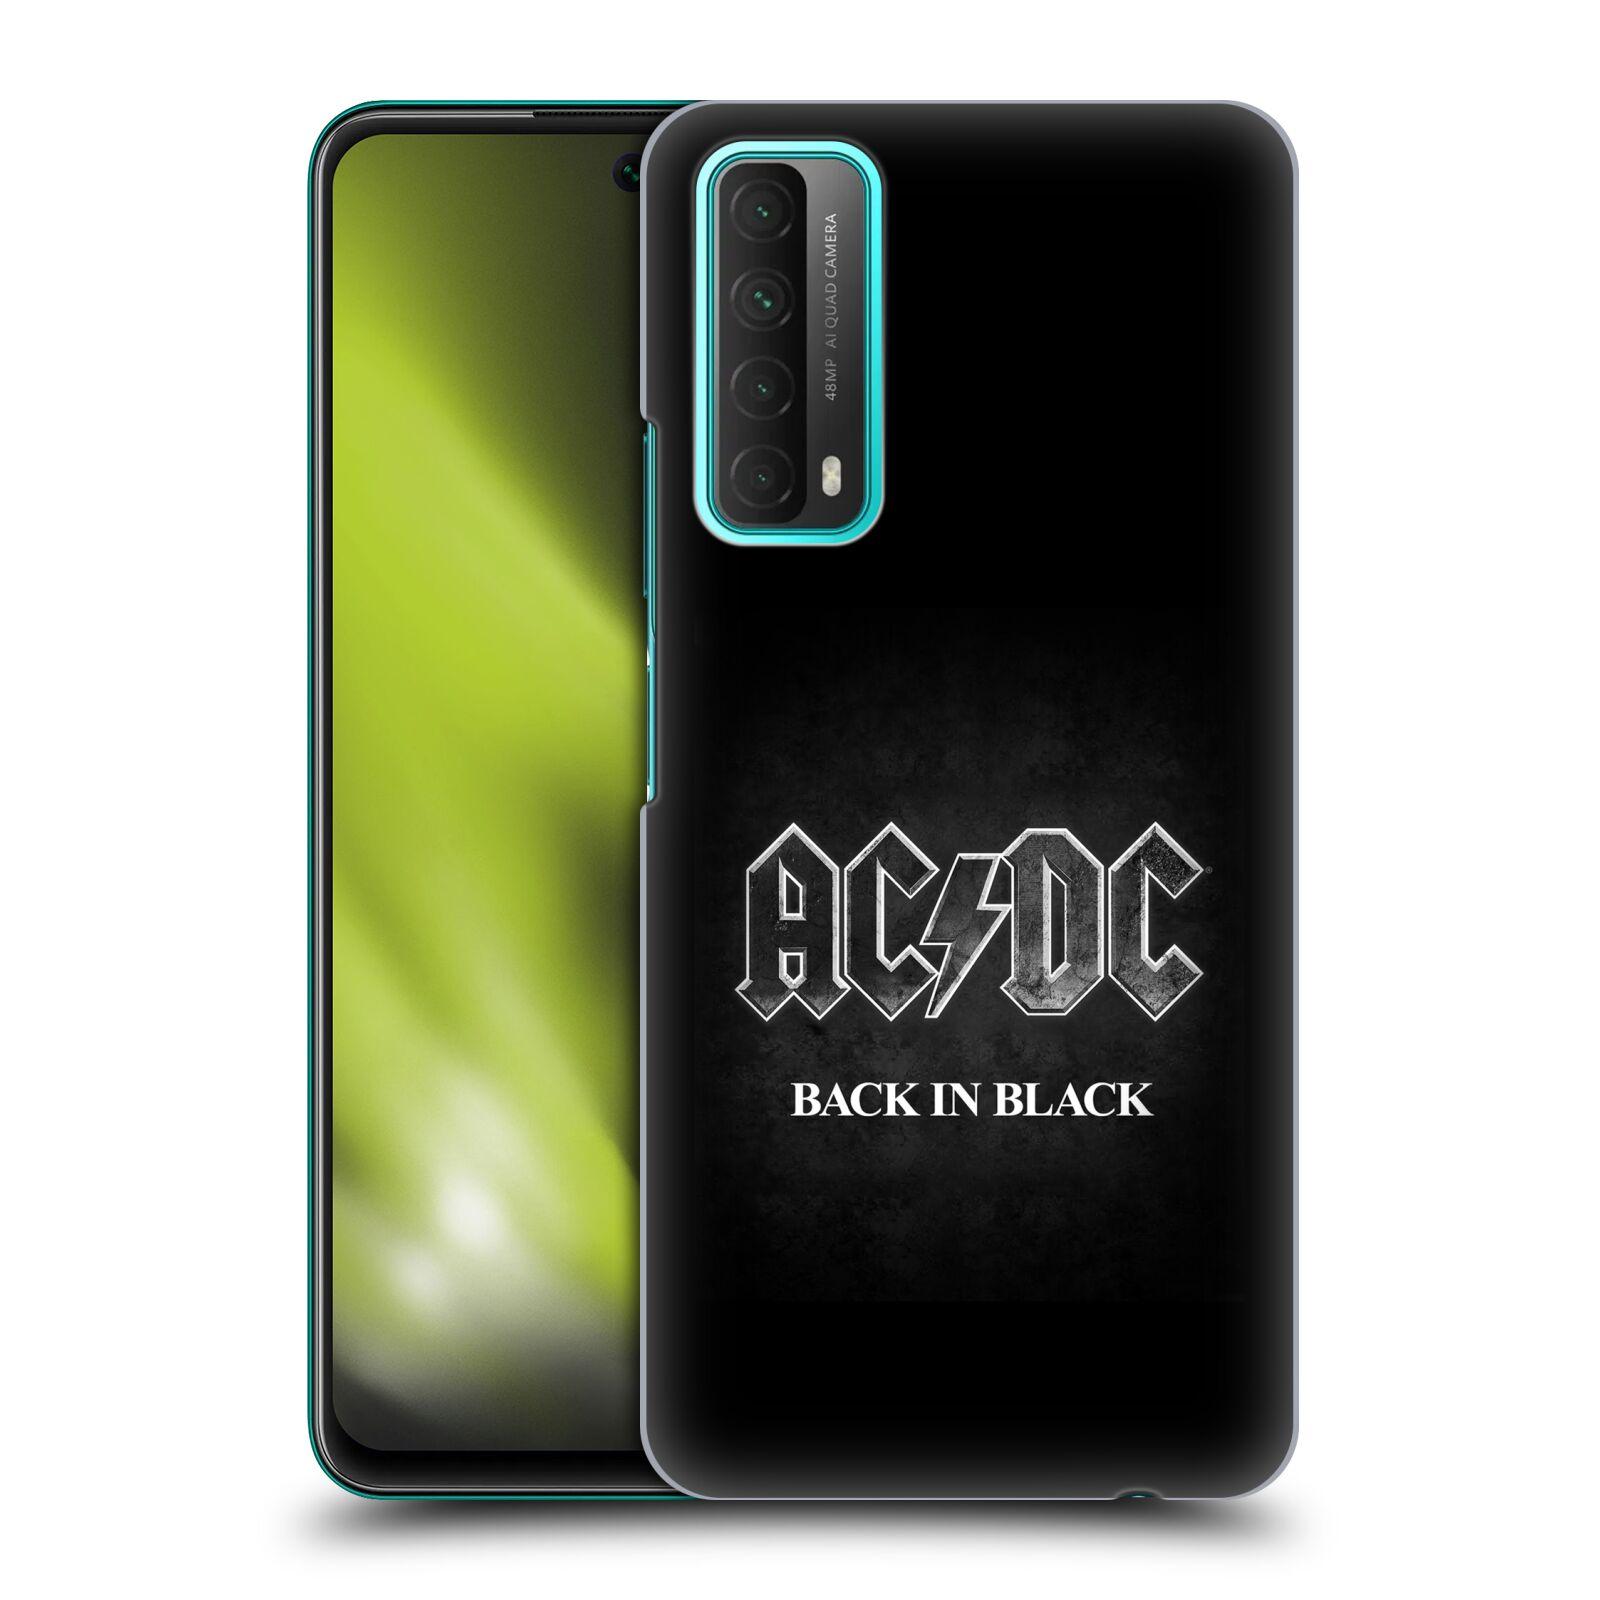 Plastové pouzdro na mobil Huawei P Smart (2021) - Head Case - AC/DC BACK IN BLACK